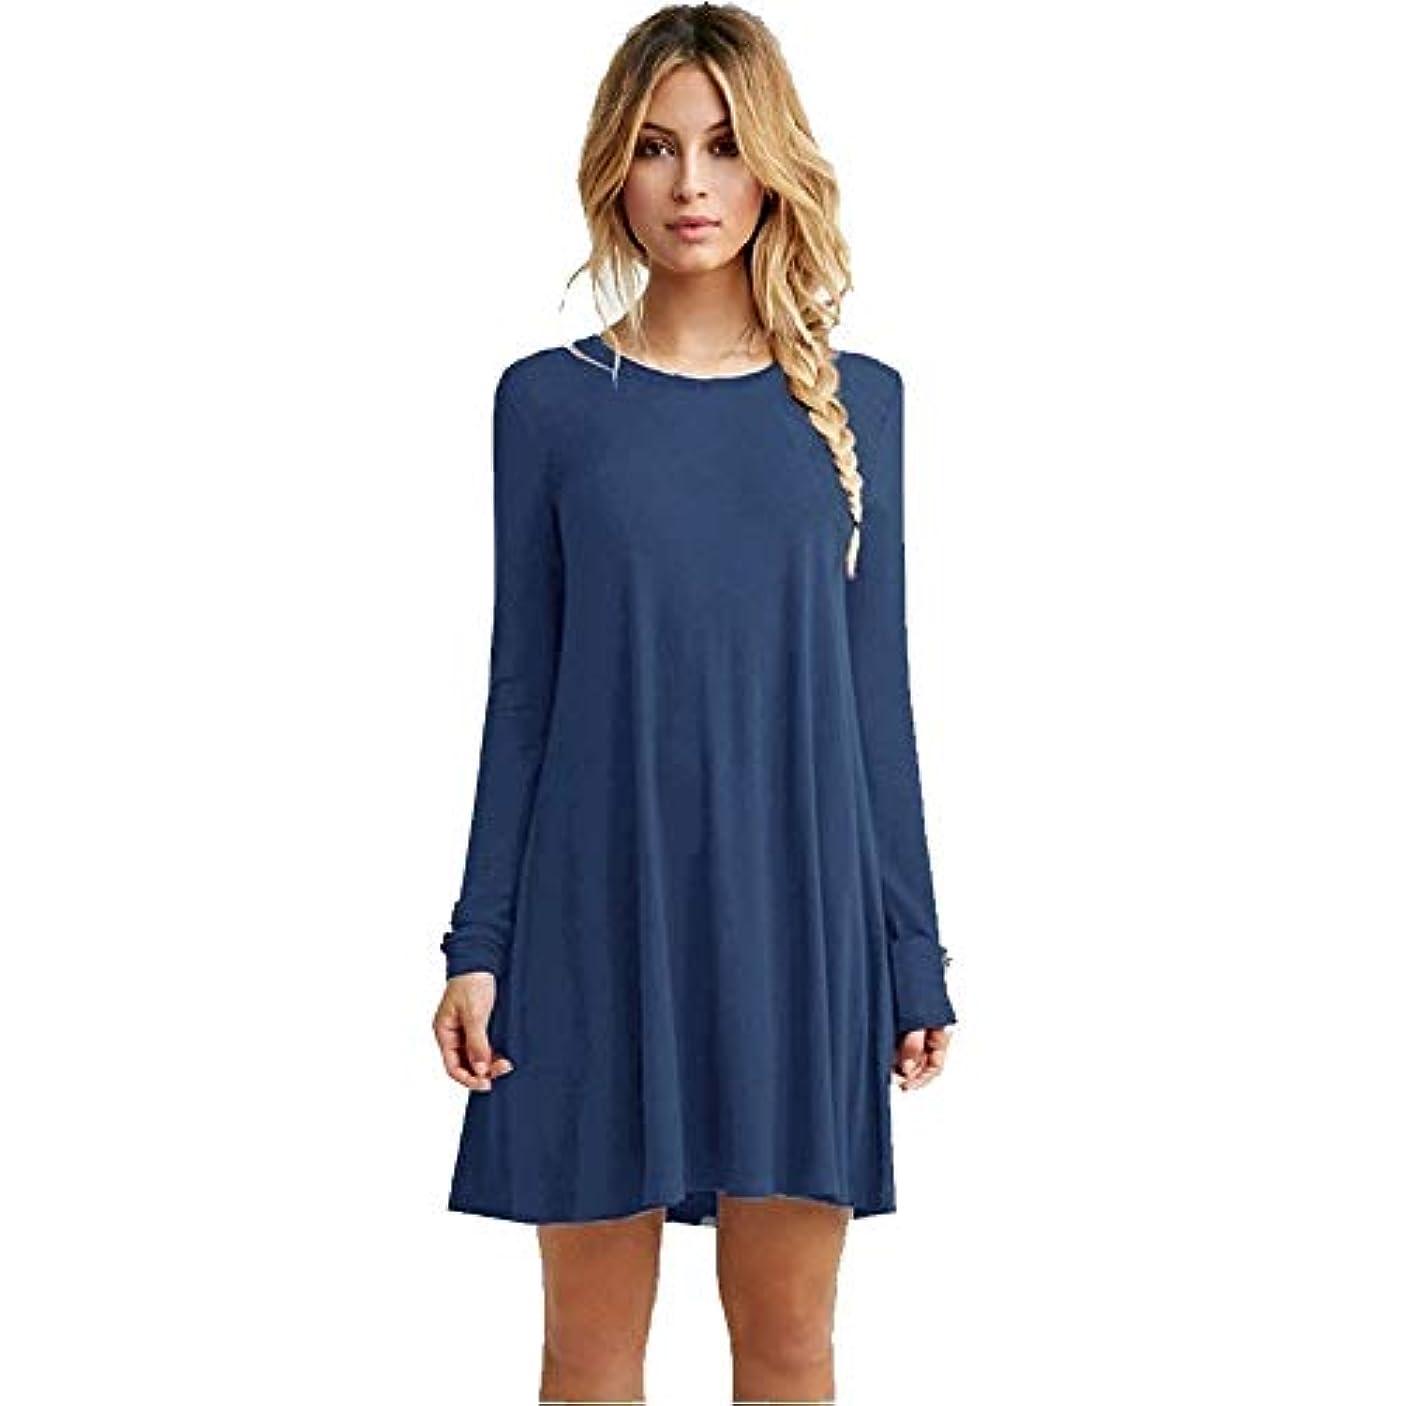 家主不公平に負けるMIFANルースドレス、プラスサイズのドレス、長袖のドレス、女性のドレス、秋のドレス、マキシドレス、コットンドレス